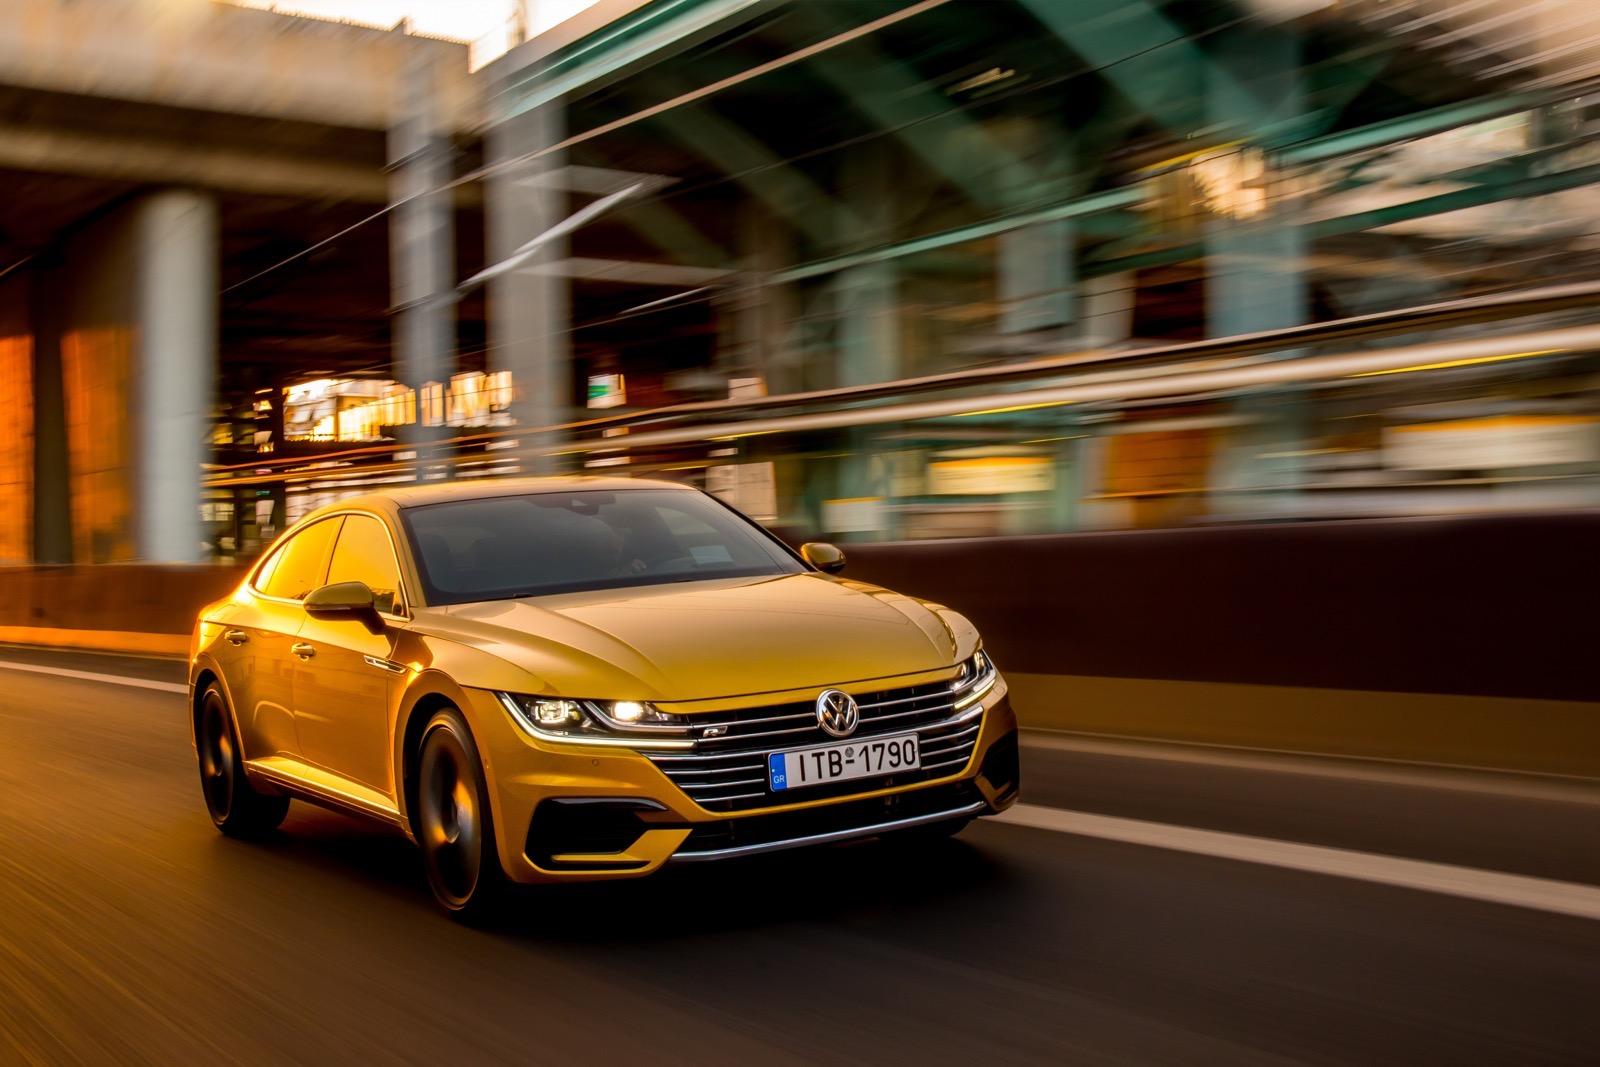 Volkswagen_Arteon_Greek_Presentataion_18